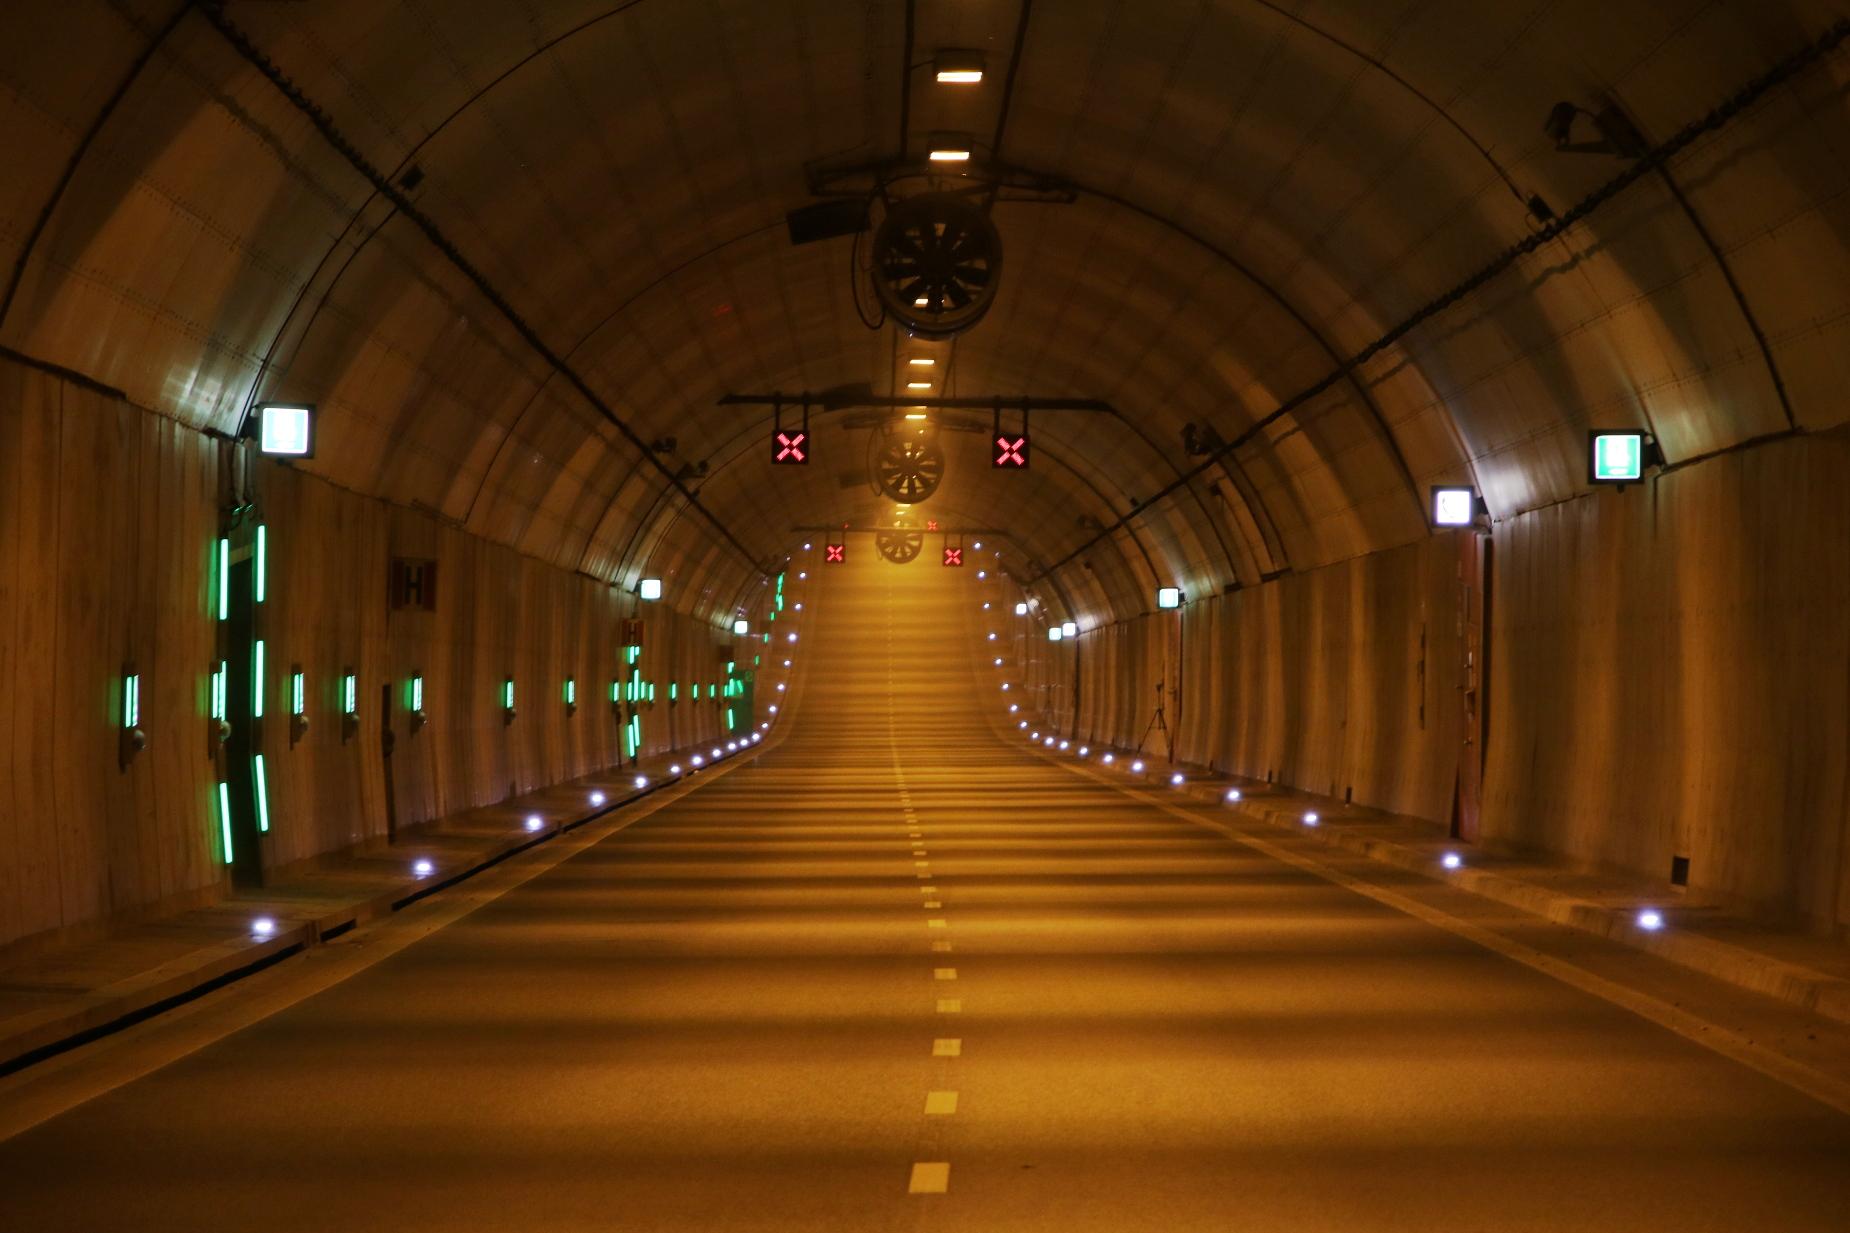 Rowerem pod wodą? Tak! Rowerowy przejazd na jubileusz tunelu pod Martwą Wisłą